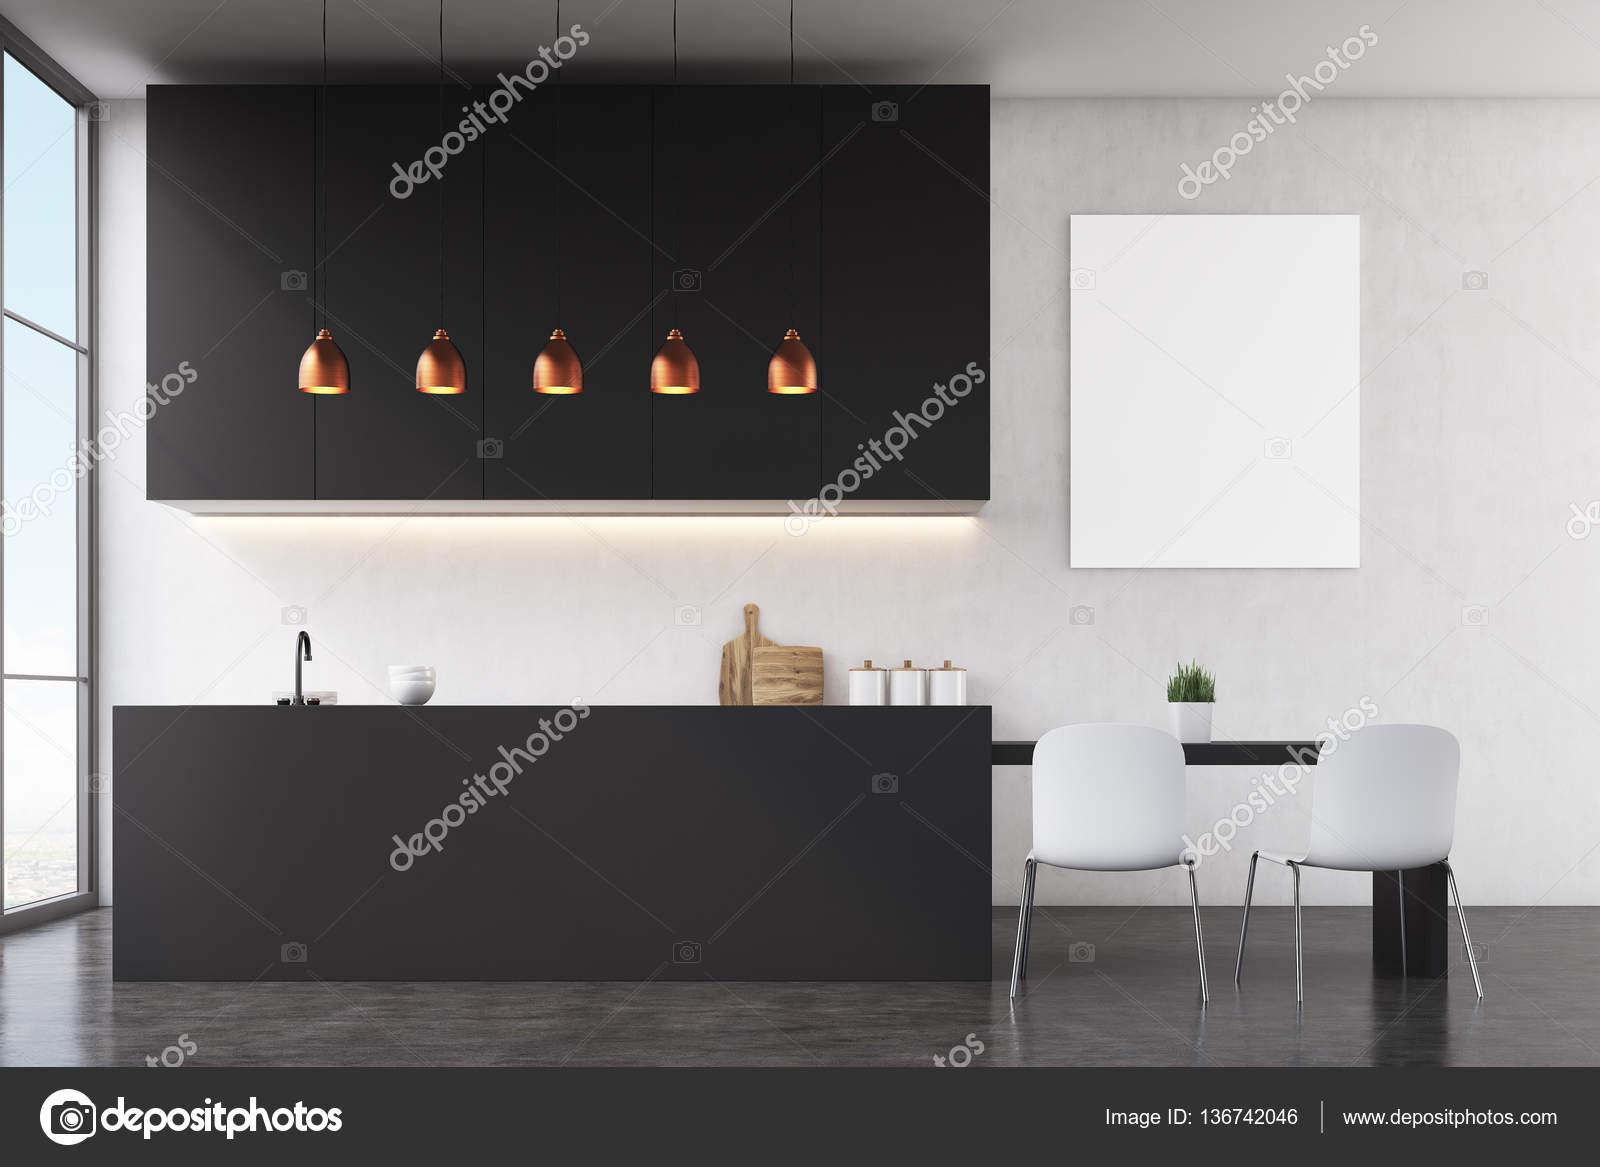 Interiore della cucina la parete nera poster u foto stock